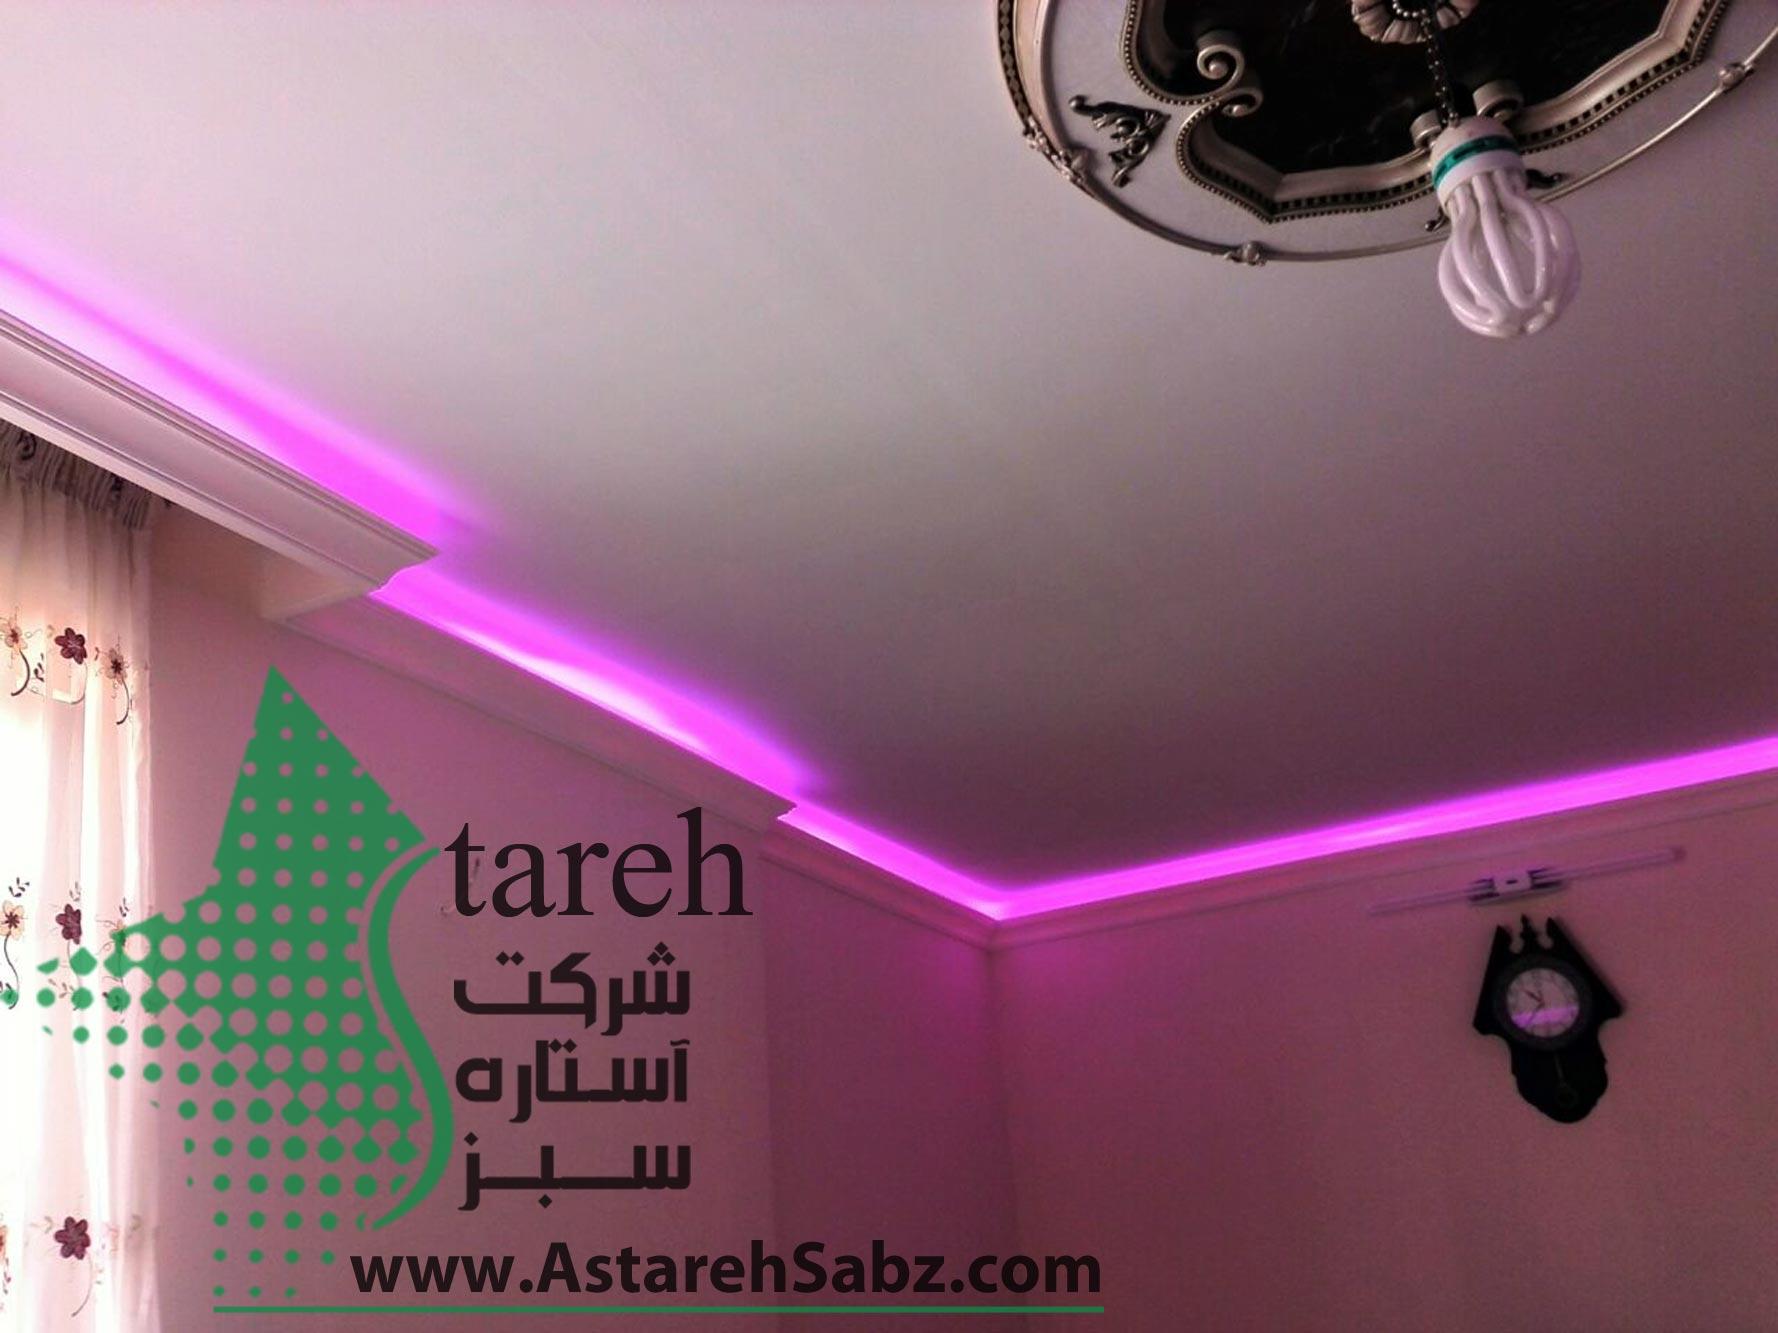 Astareh Sabz (172)